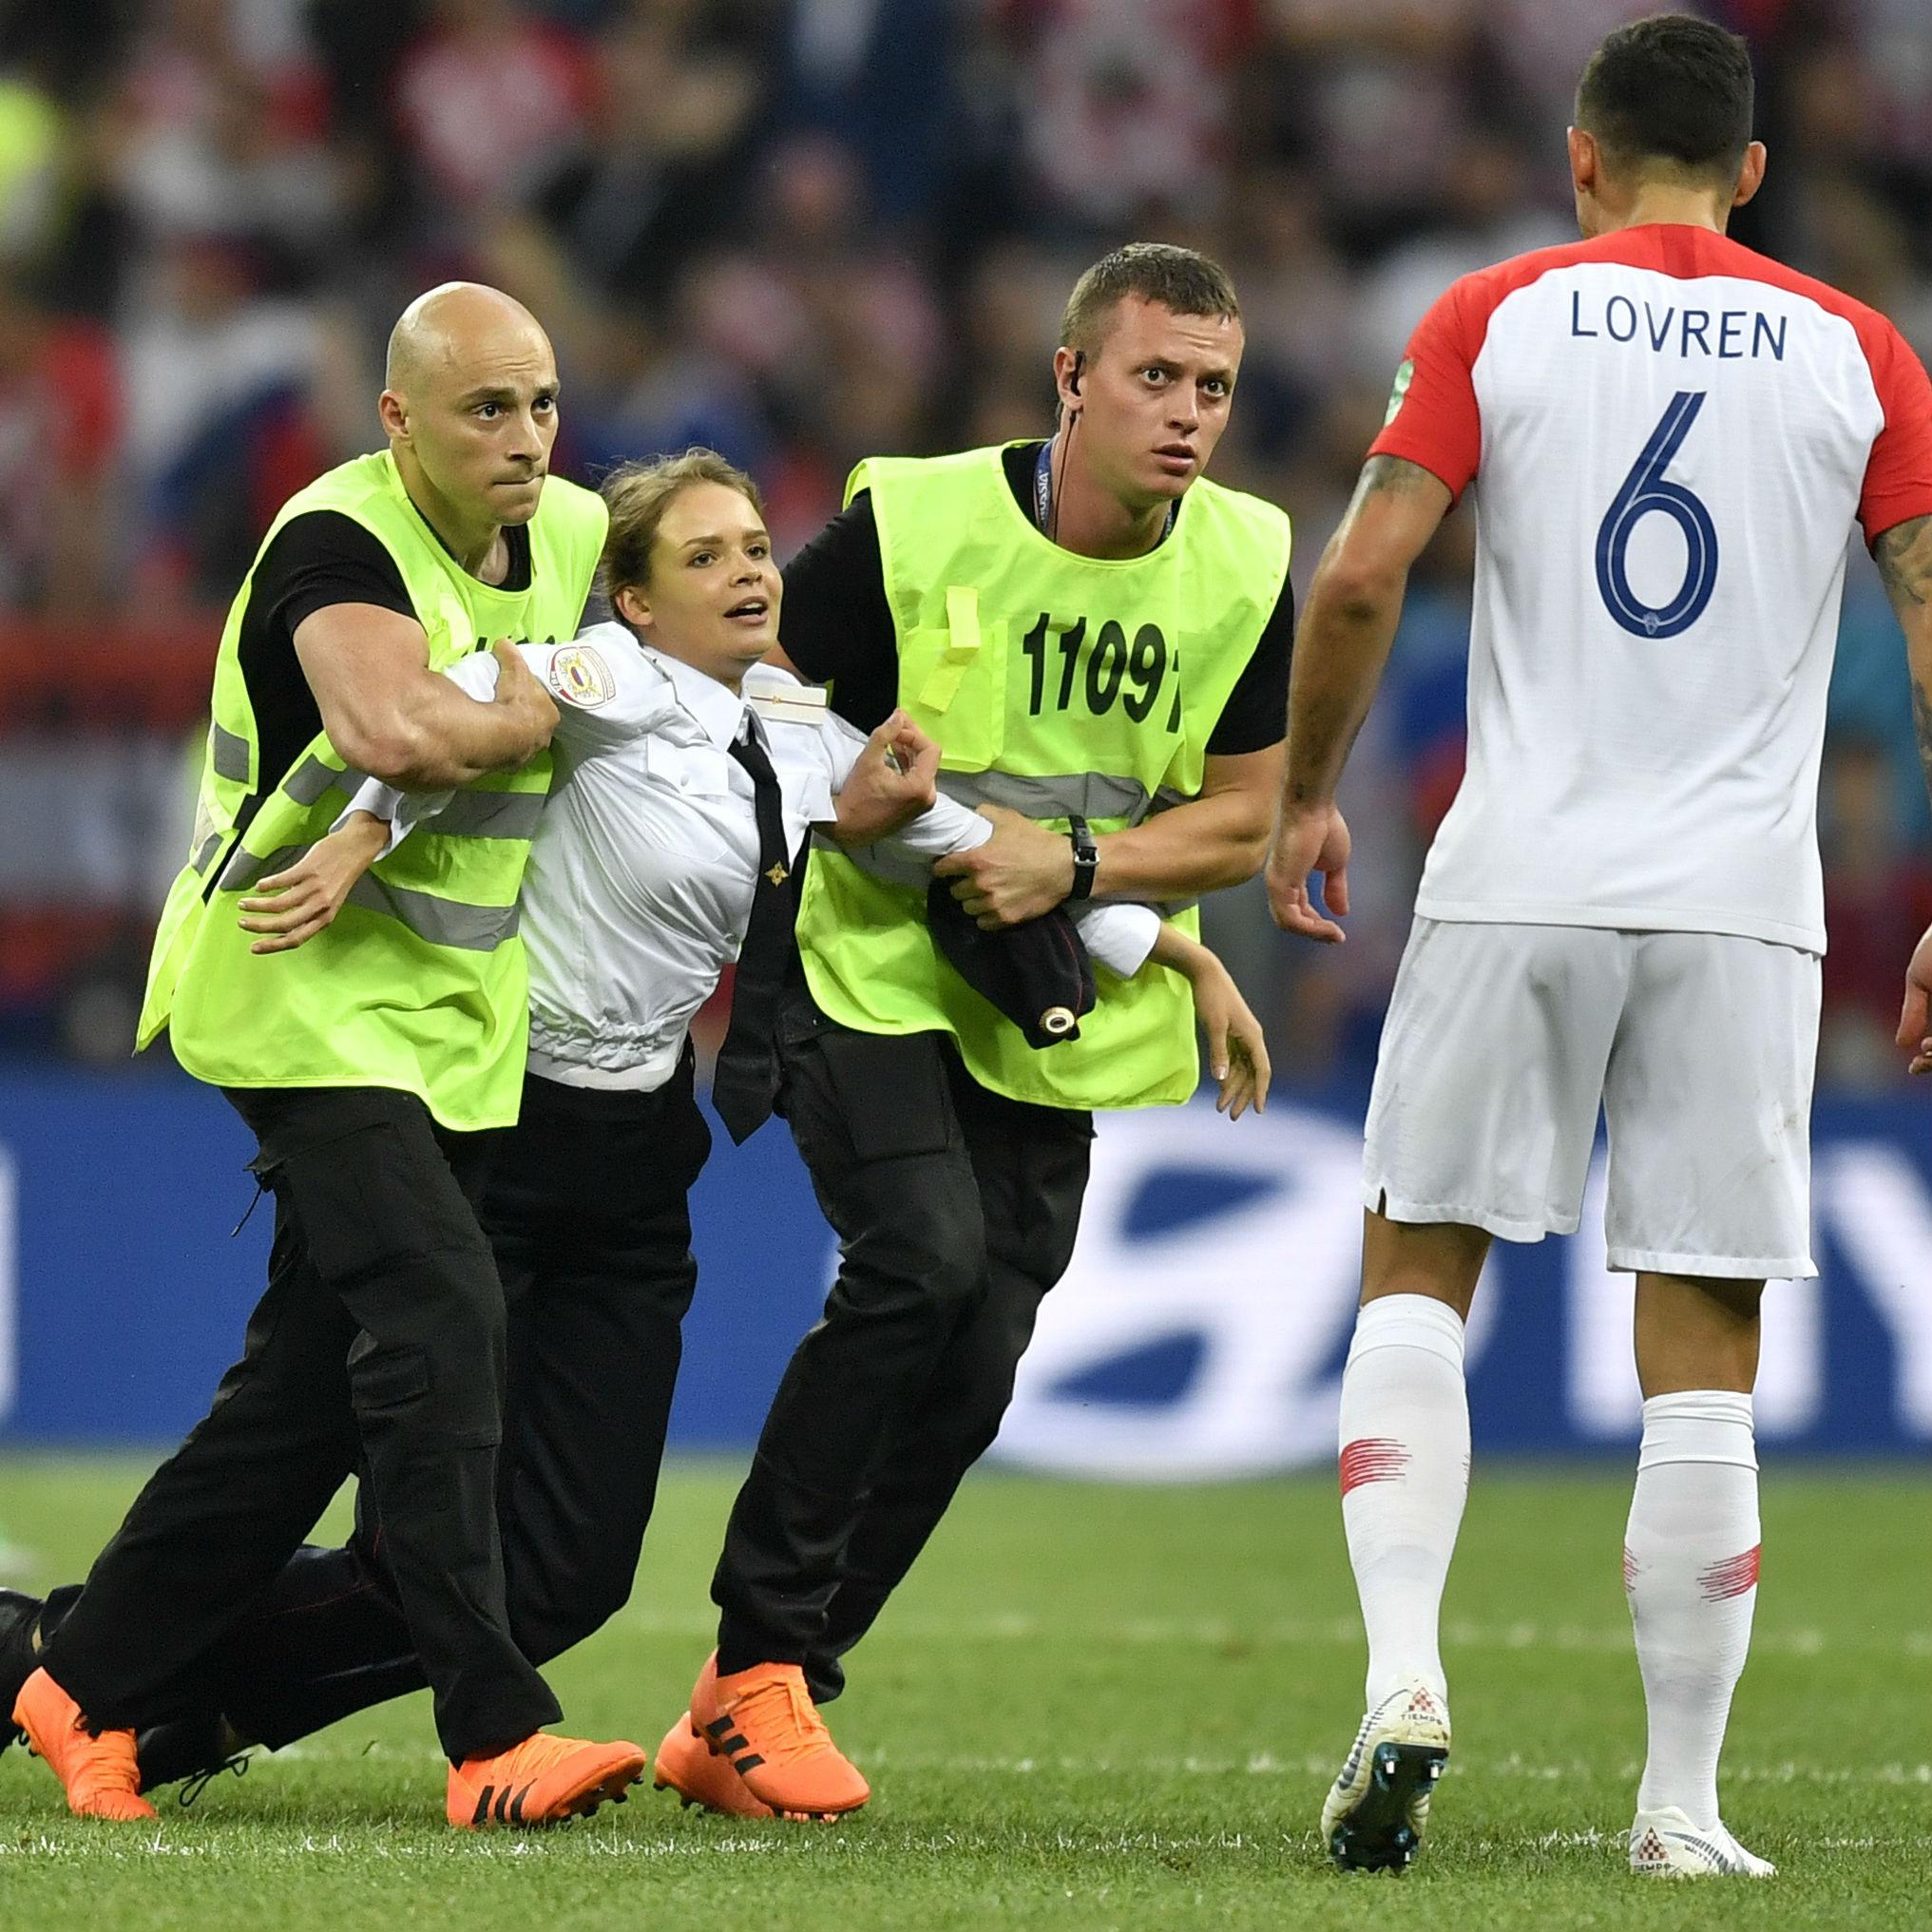 サッカーW杯で乱入騒動も。プーチン政権に声を上げる者の正体